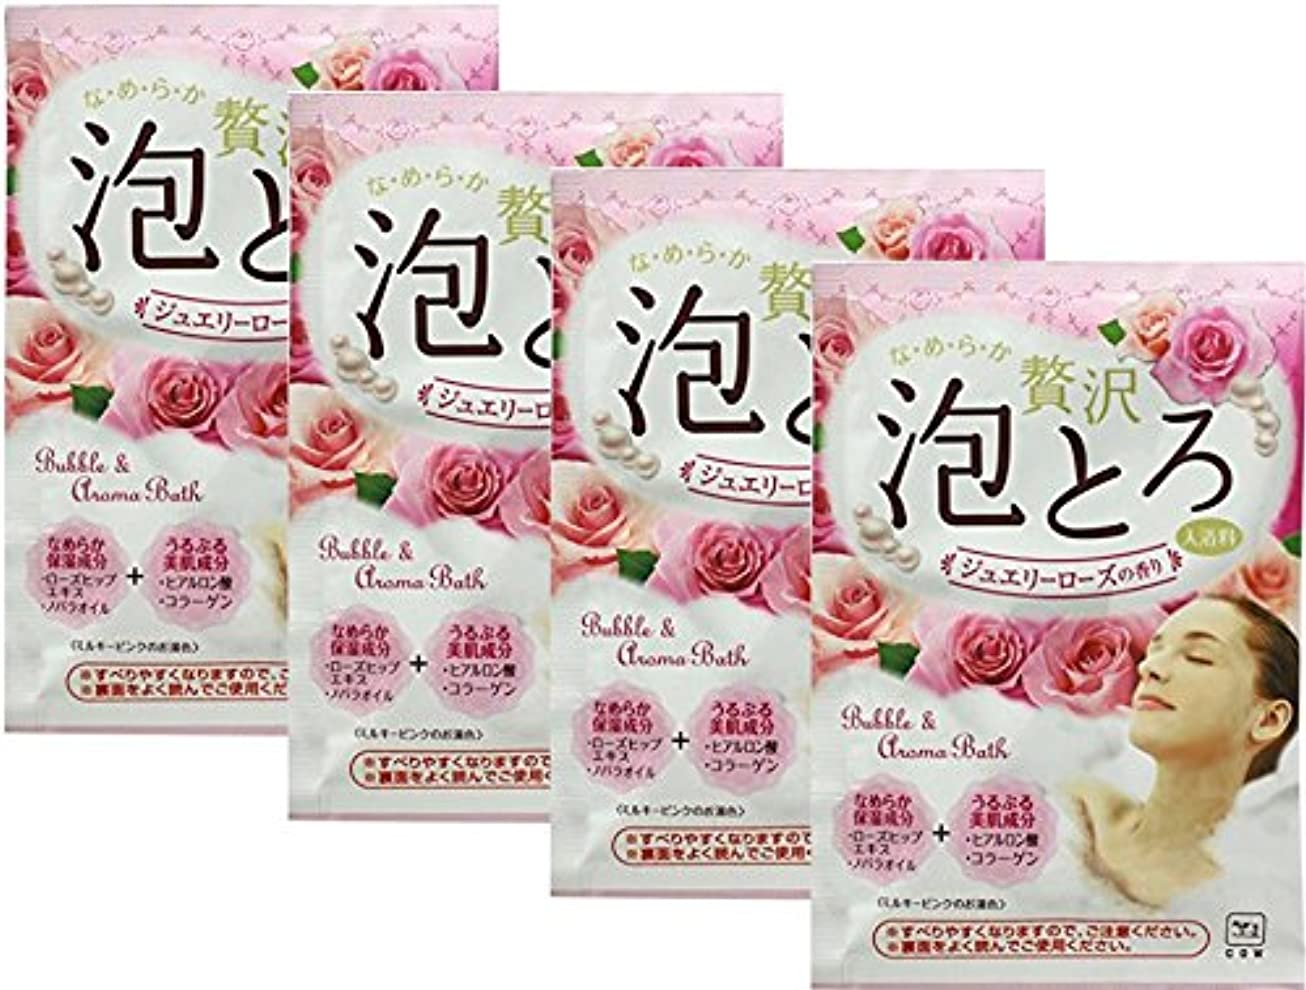 ライナー可能複雑な牛乳石鹸共進社 贅沢泡とろ 入浴料 ジュエリーローズの香り 30g 【4点セット】